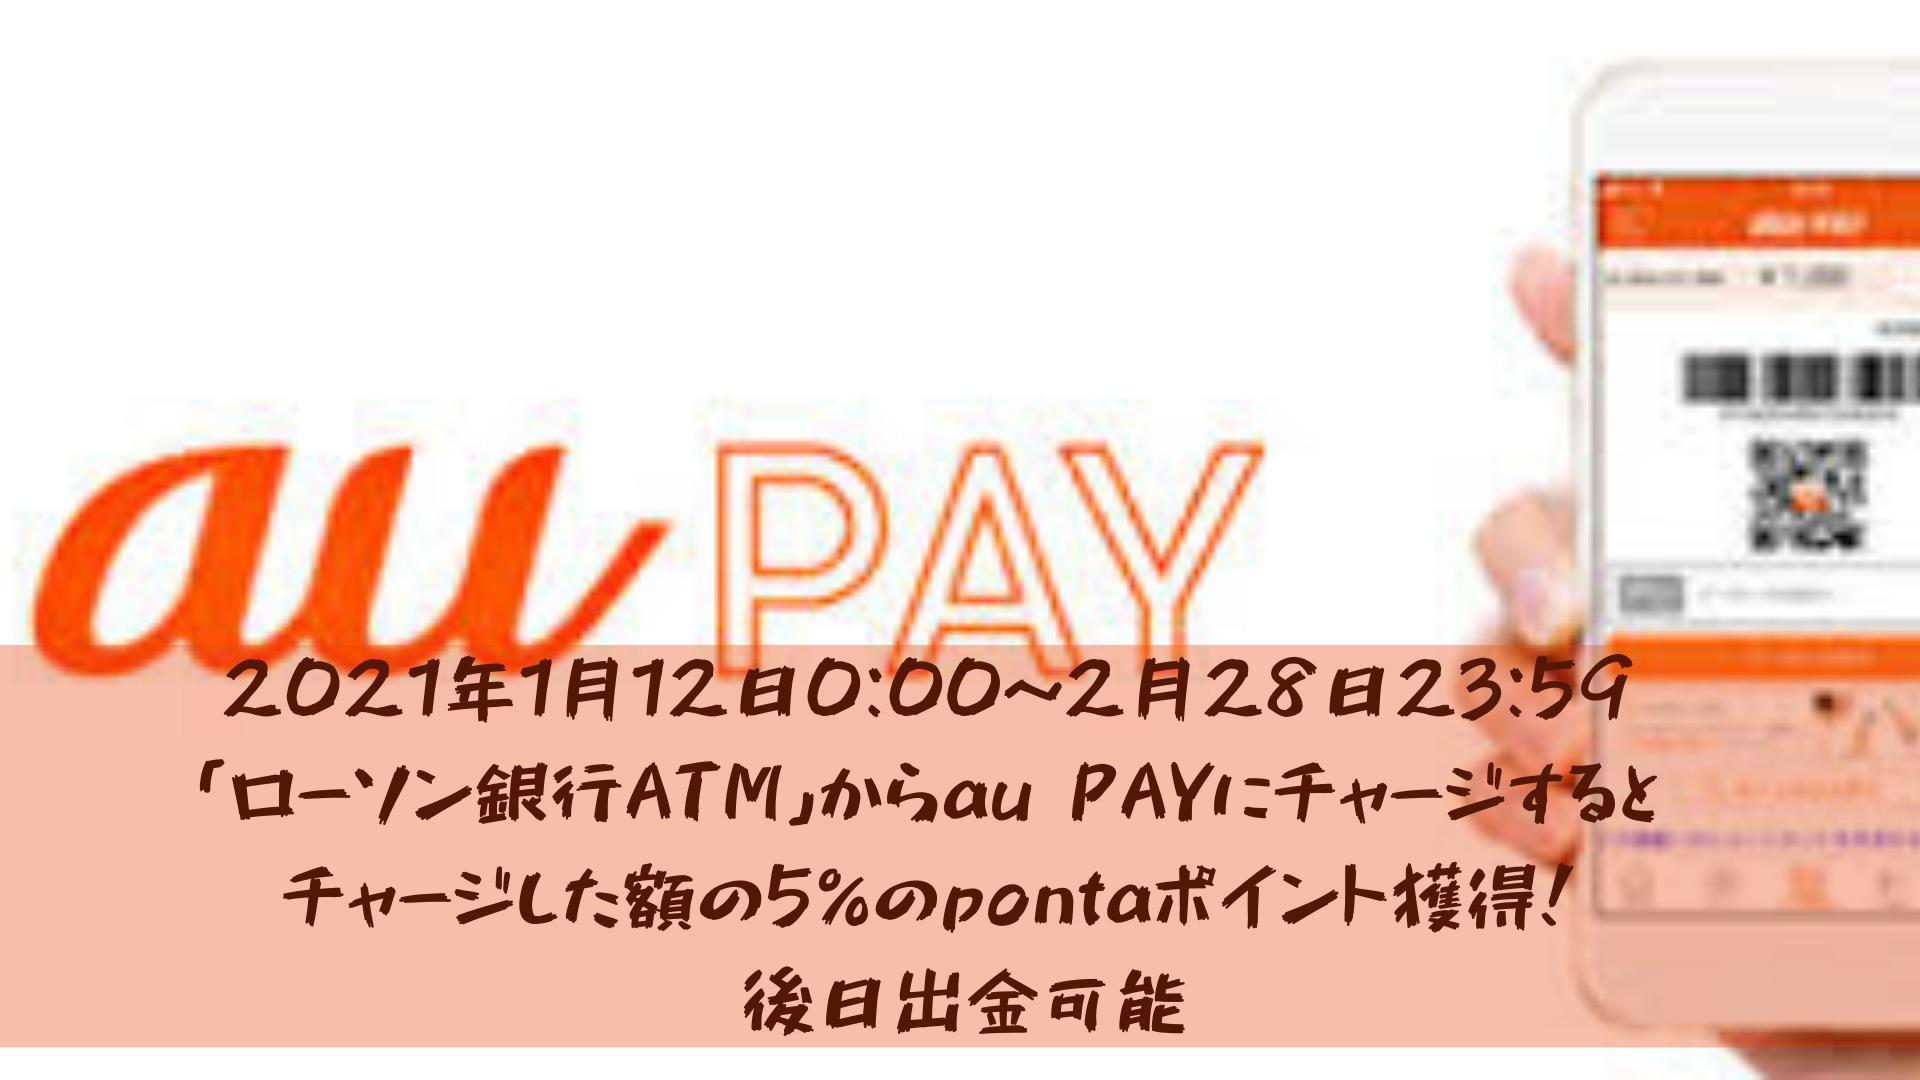 2021年1月12日0:00~2月28日23:59「ローソン銀行ATM」からau PAYにチャージするとチャージした額の5%のpontaポイント獲得!※後日出金可能